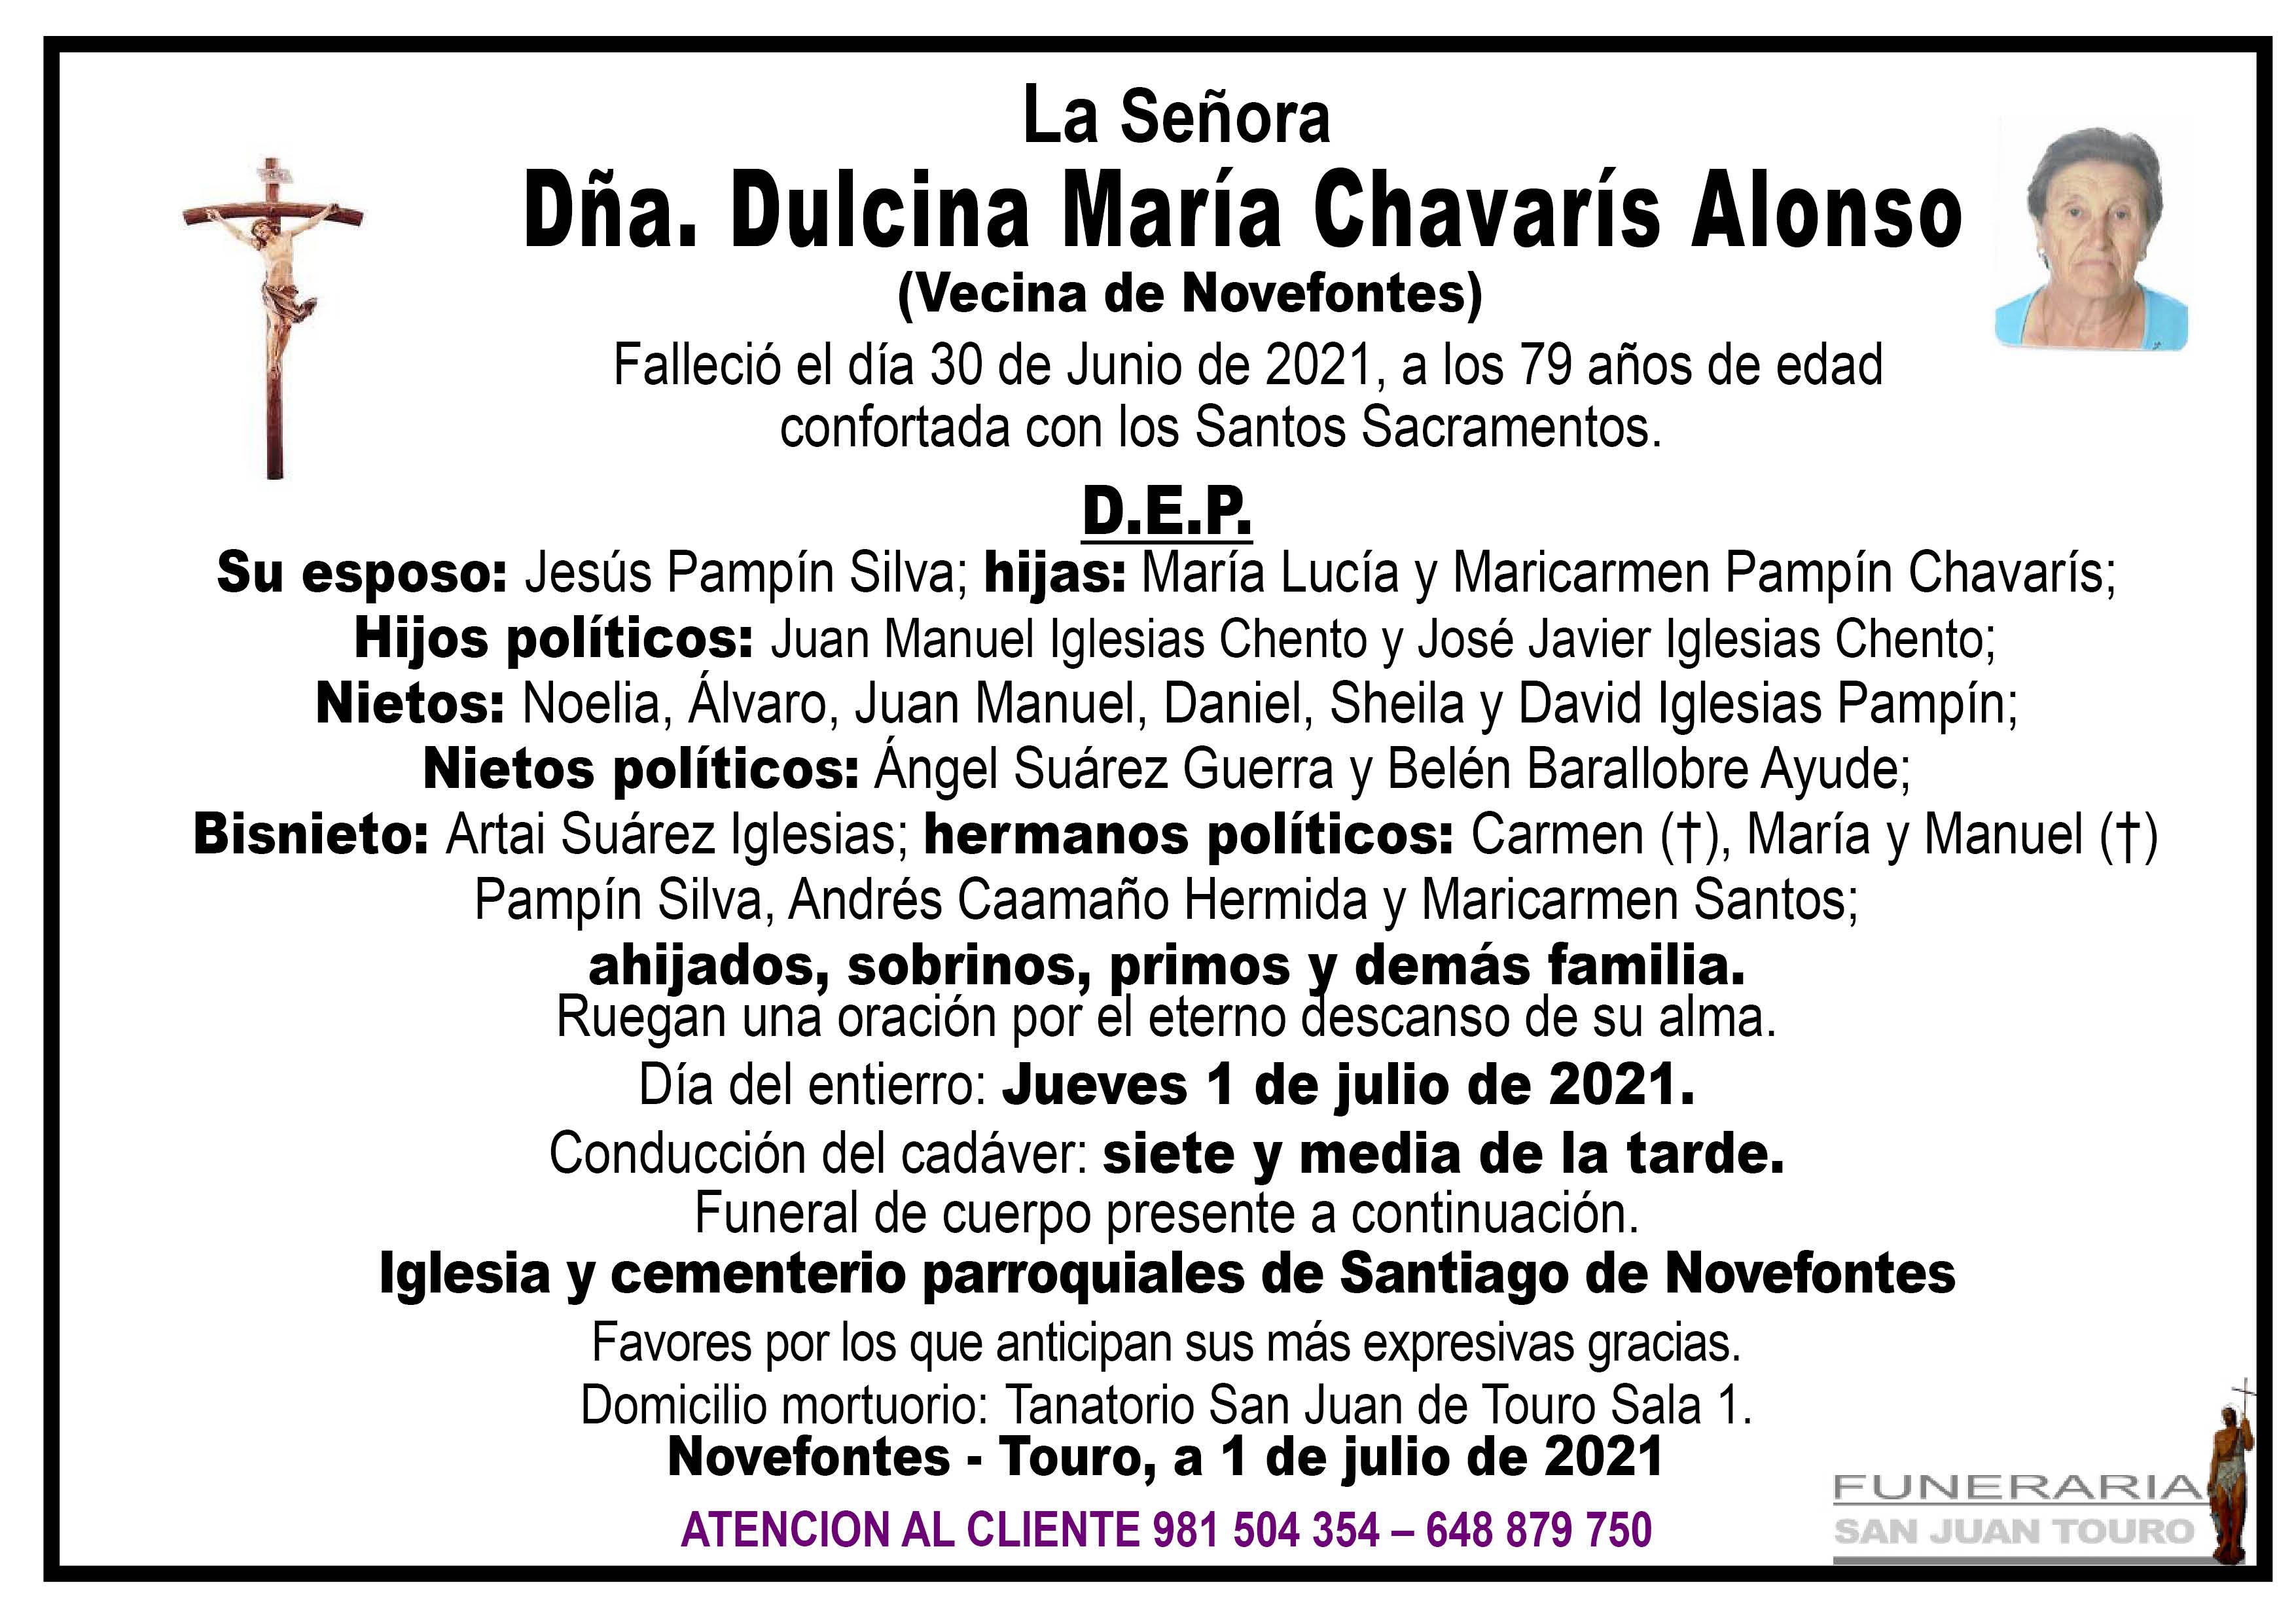 Esquela de SEPELIO DE DOÑA DULCINA MARÍA CHAVARÍS ALONSO